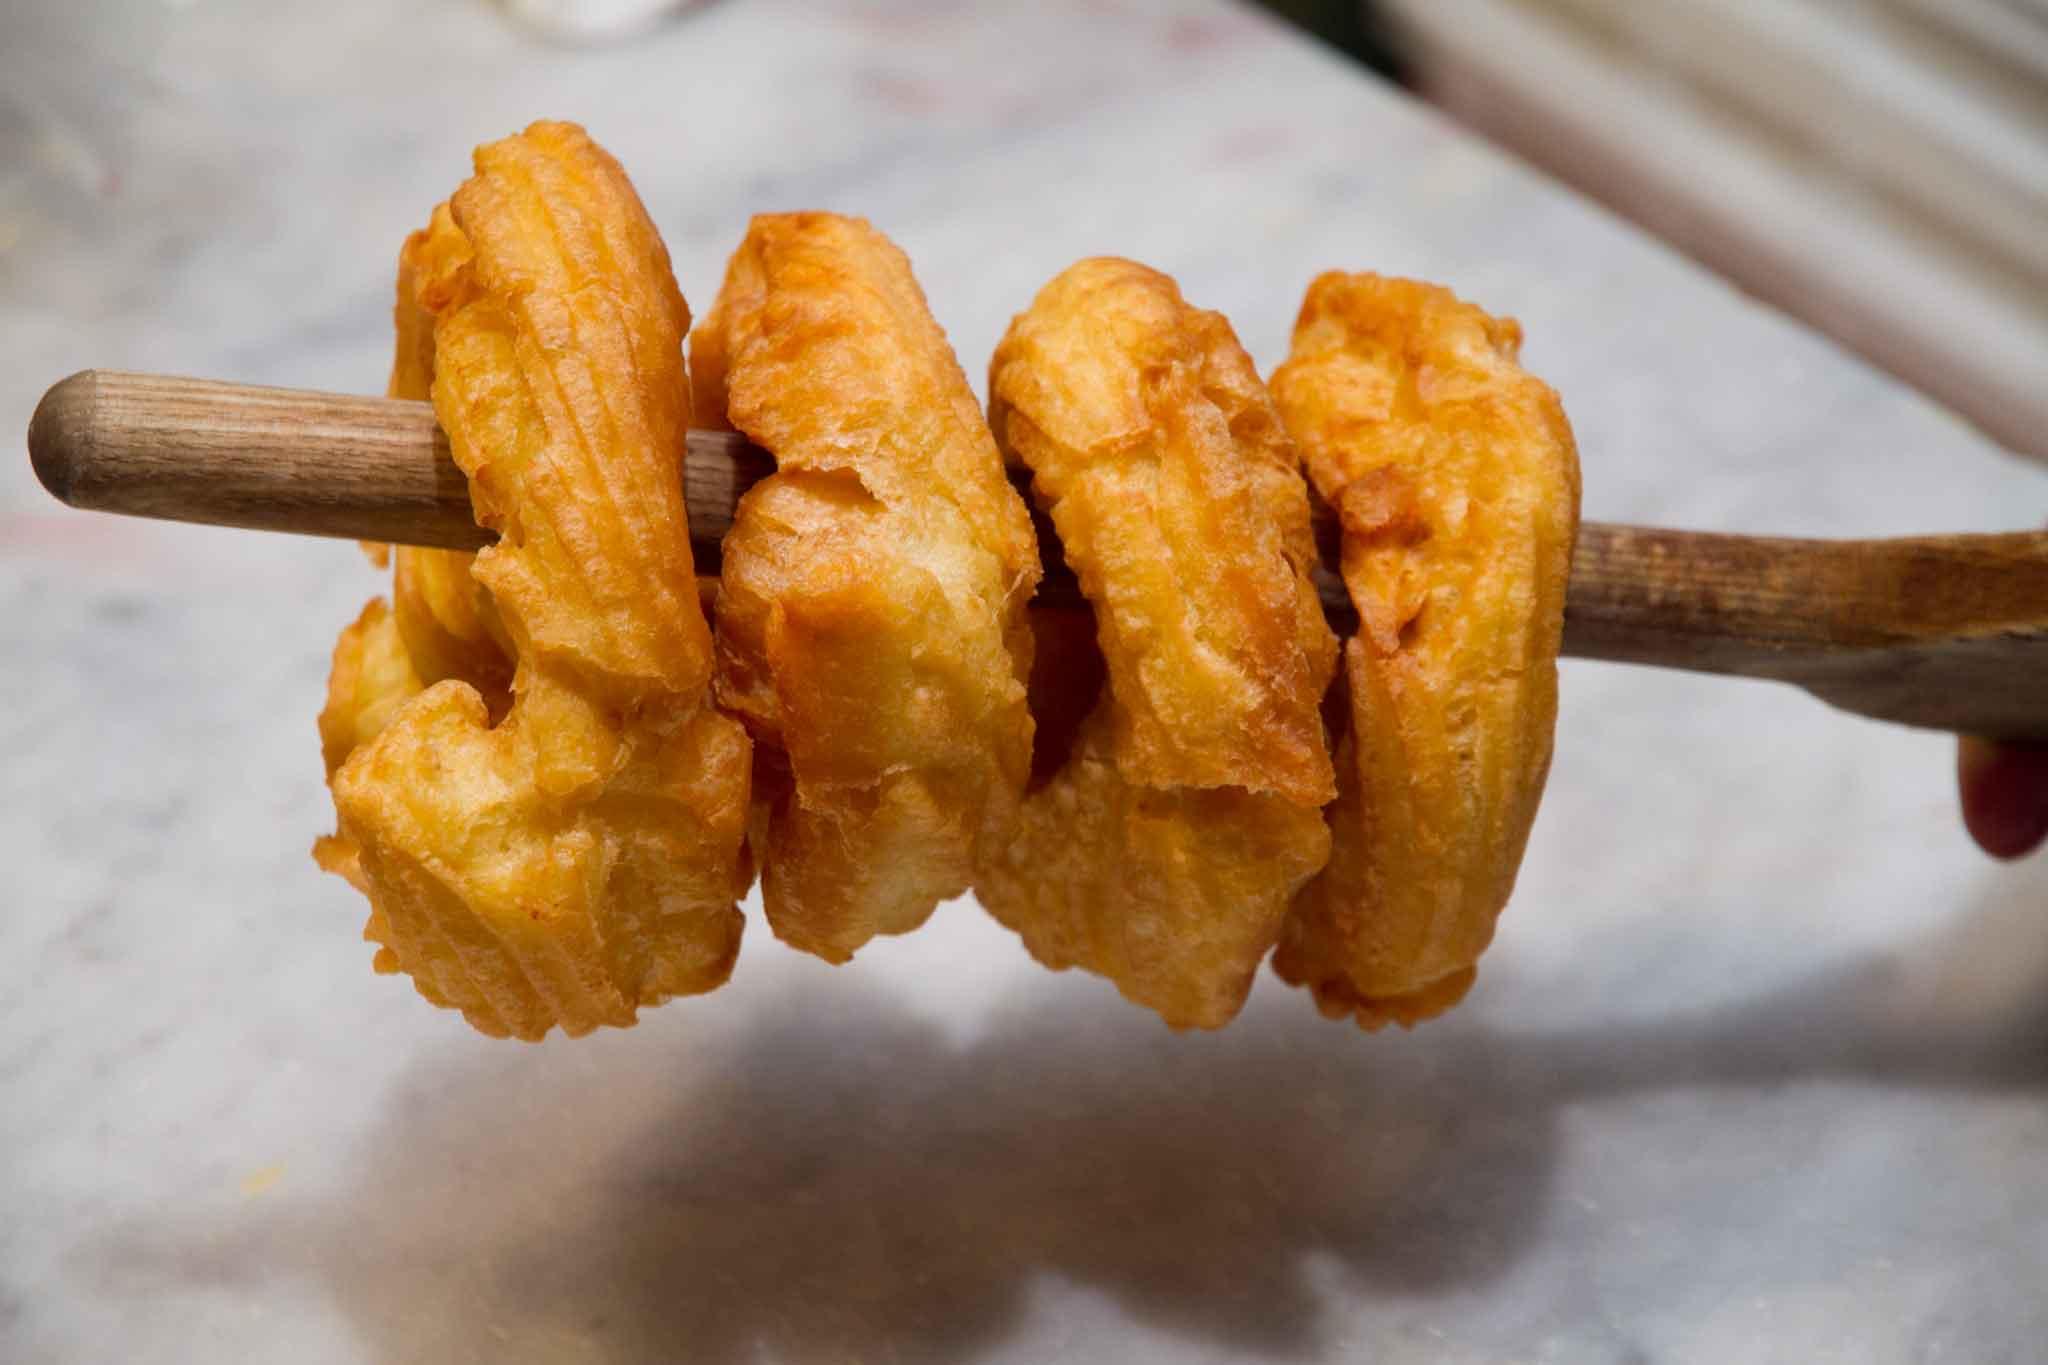 zeppole San Giuseppe fritte doppia frittura